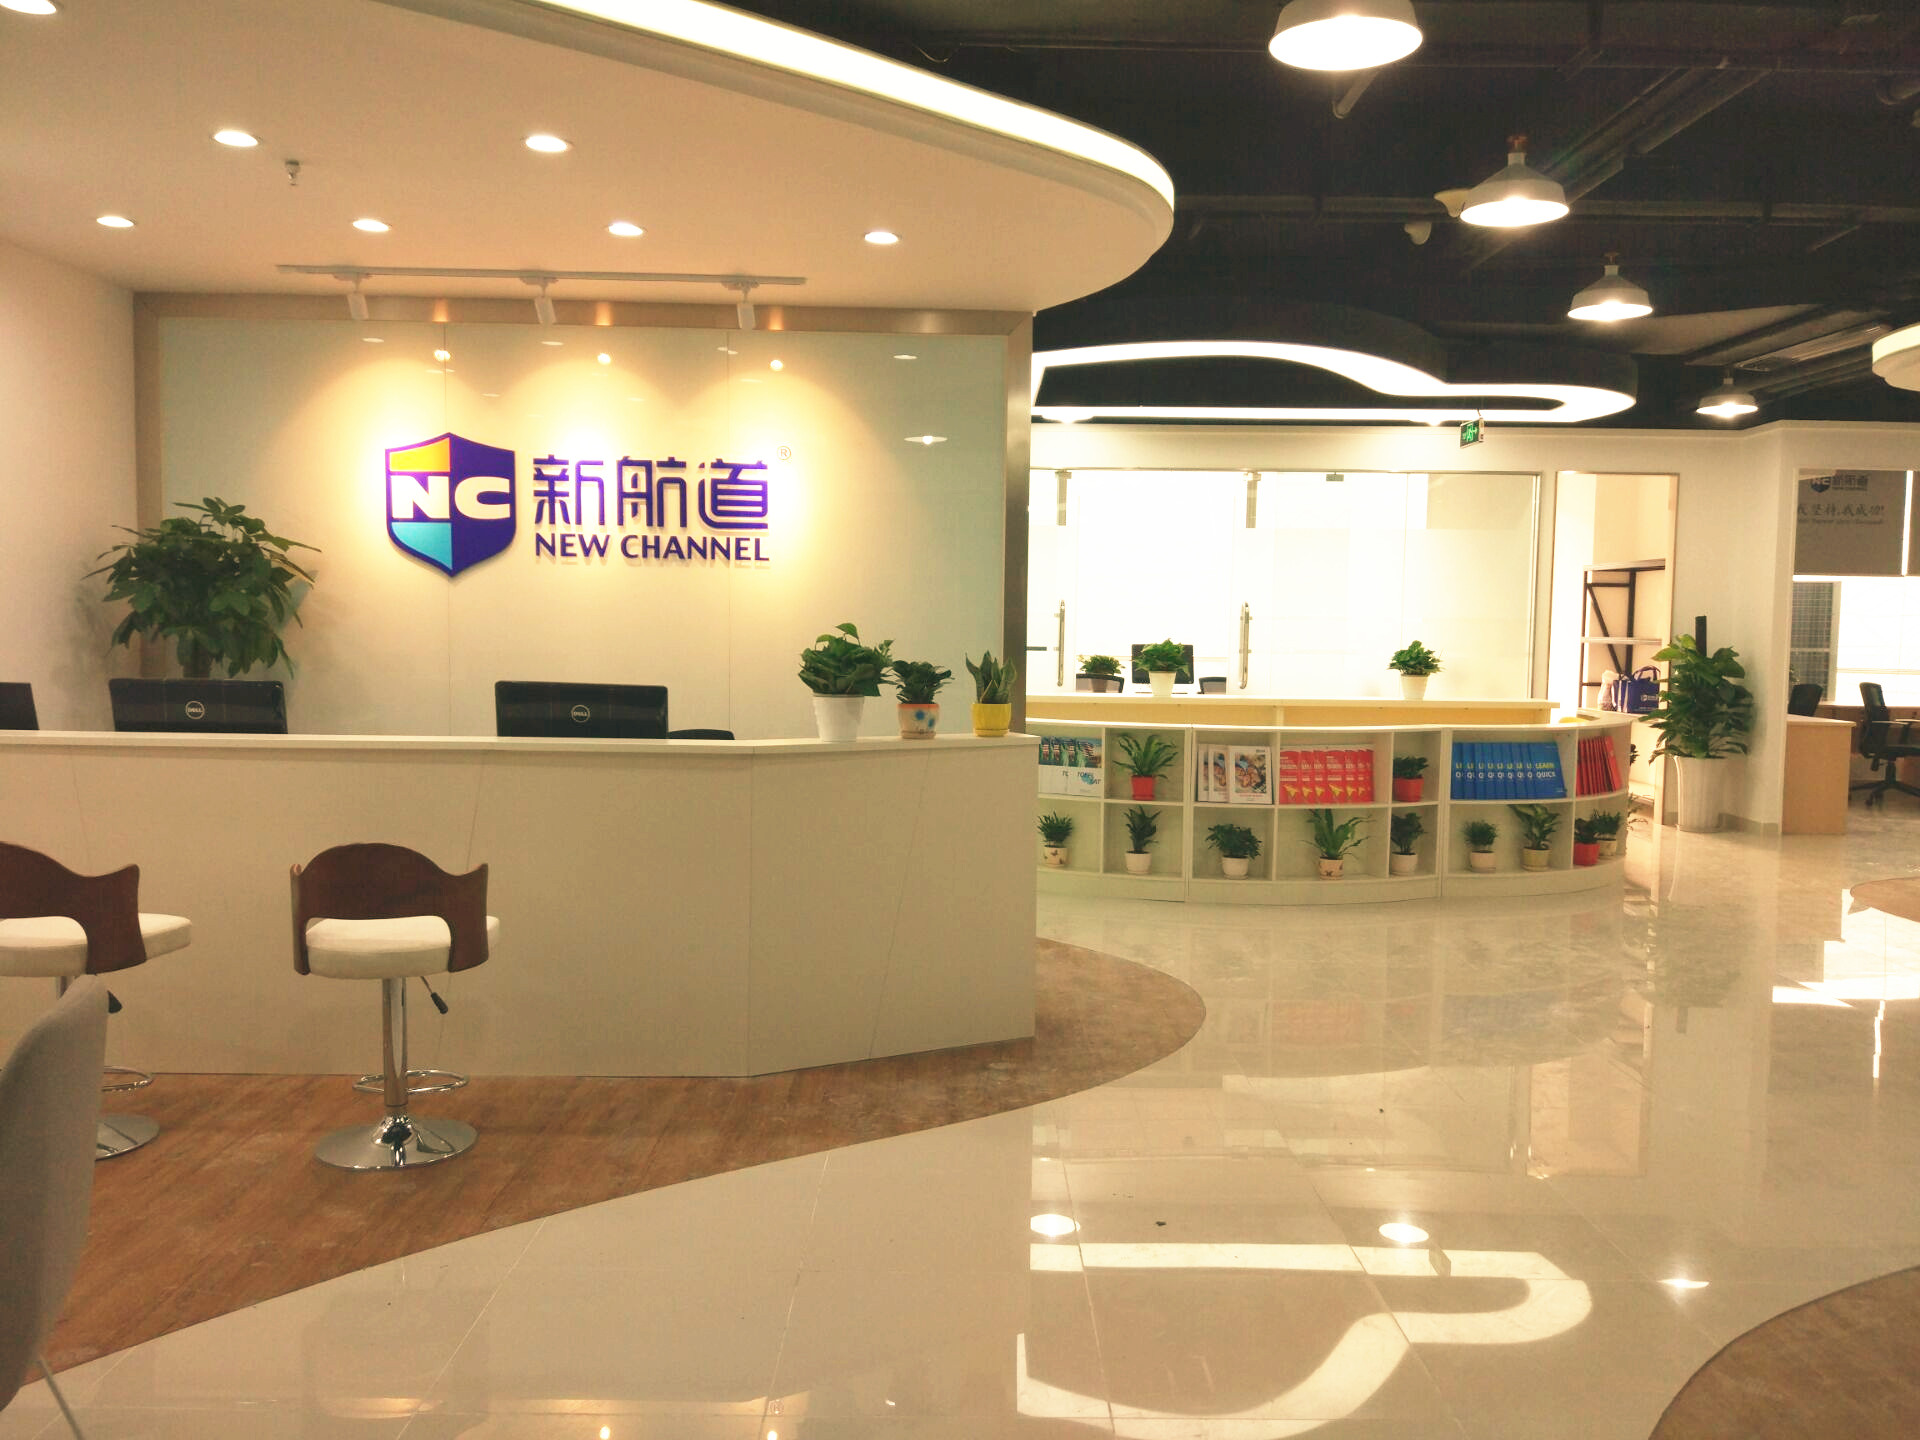 北京国贸新航道英语培训